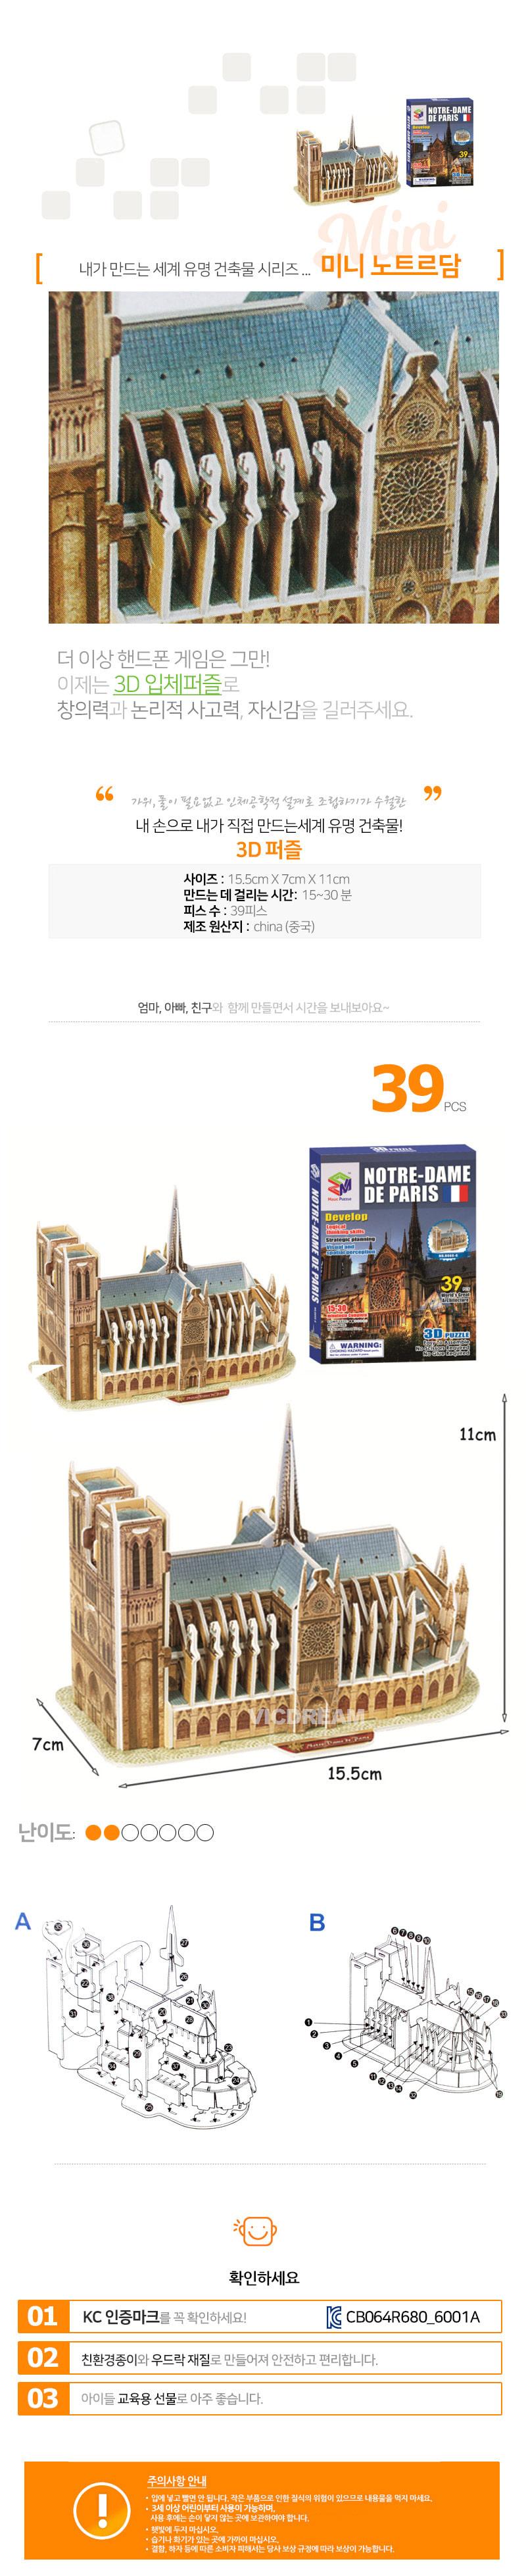 (초급) 노트르담 대성당(39pcs) 세계 유명 건축물 - 빅드림, 2,610원, 조각/퍼즐, 3D입체퍼즐